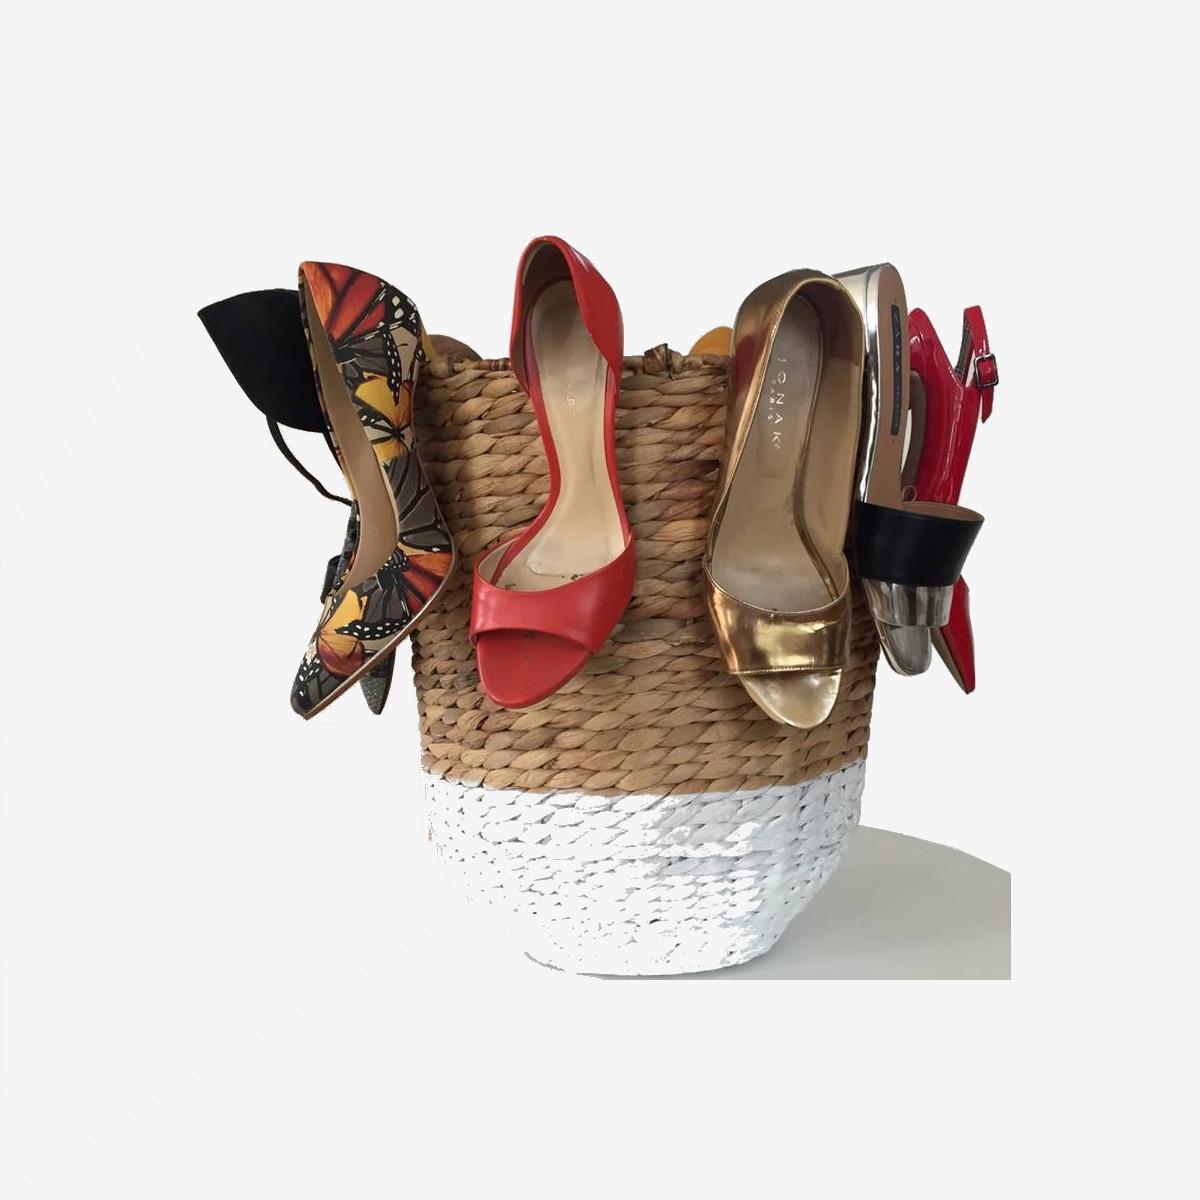 0ee501d688bc1 Oh my shoes ! 40 paires printanières pour parader...chaussures aux ...